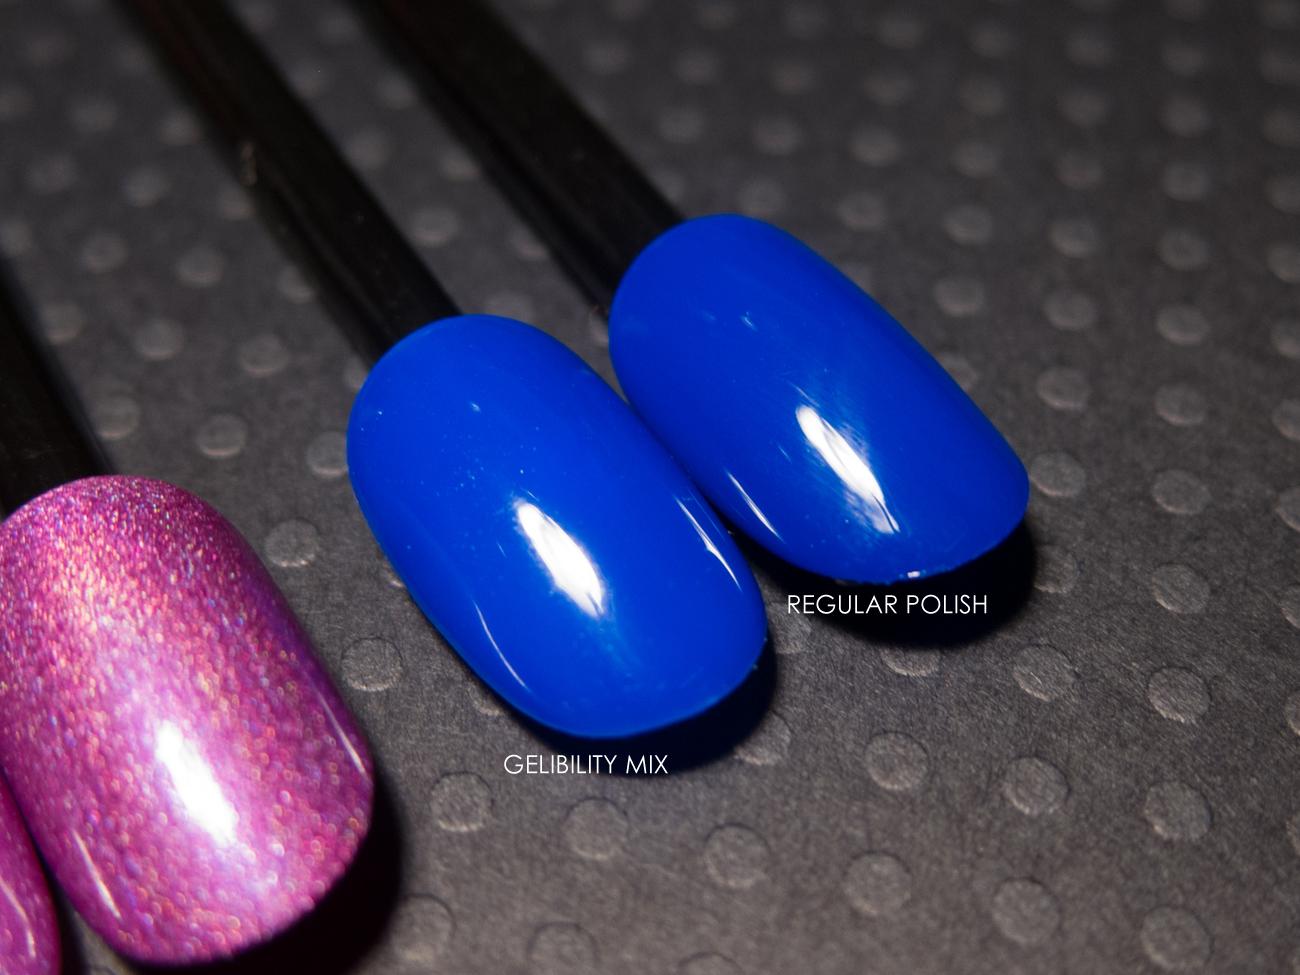 Cirque - NYFW as a gel polish via @chalkboardnails